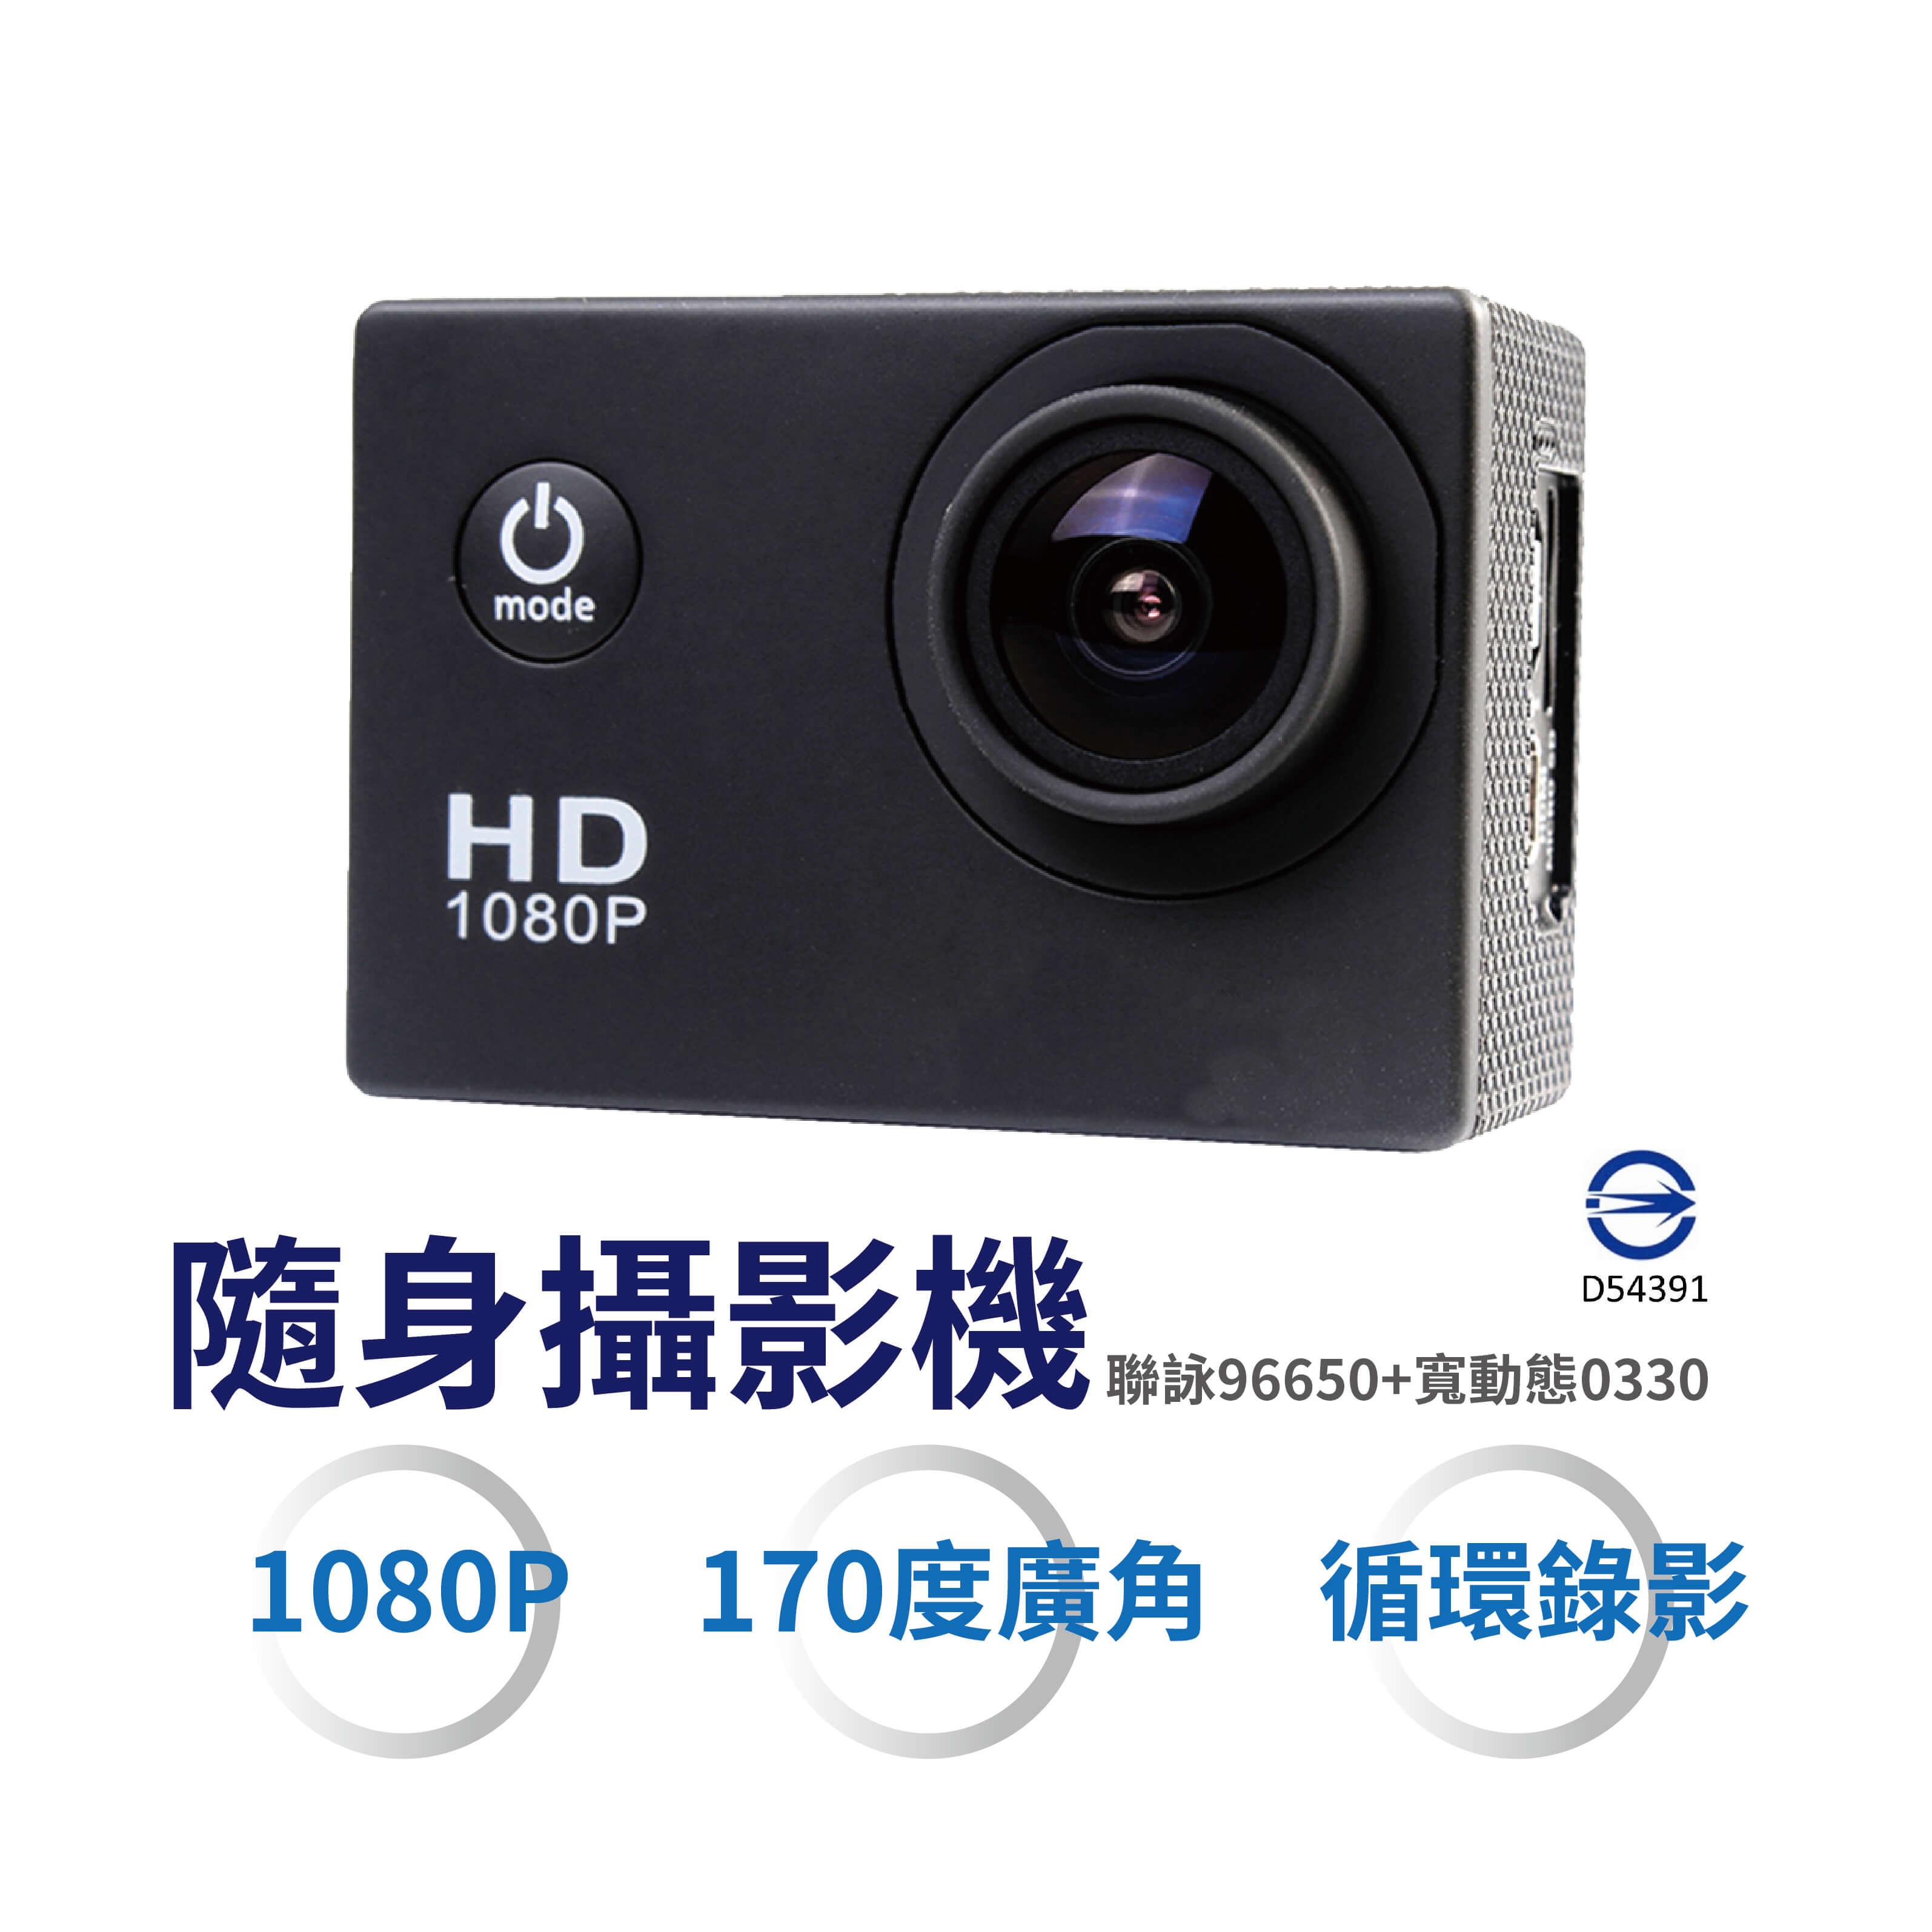 《超犀利影像》 SJ4000 警用密錄器 隨身攝影機 行車紀錄器 機車行車紀錄器 汽車行車紀錄器